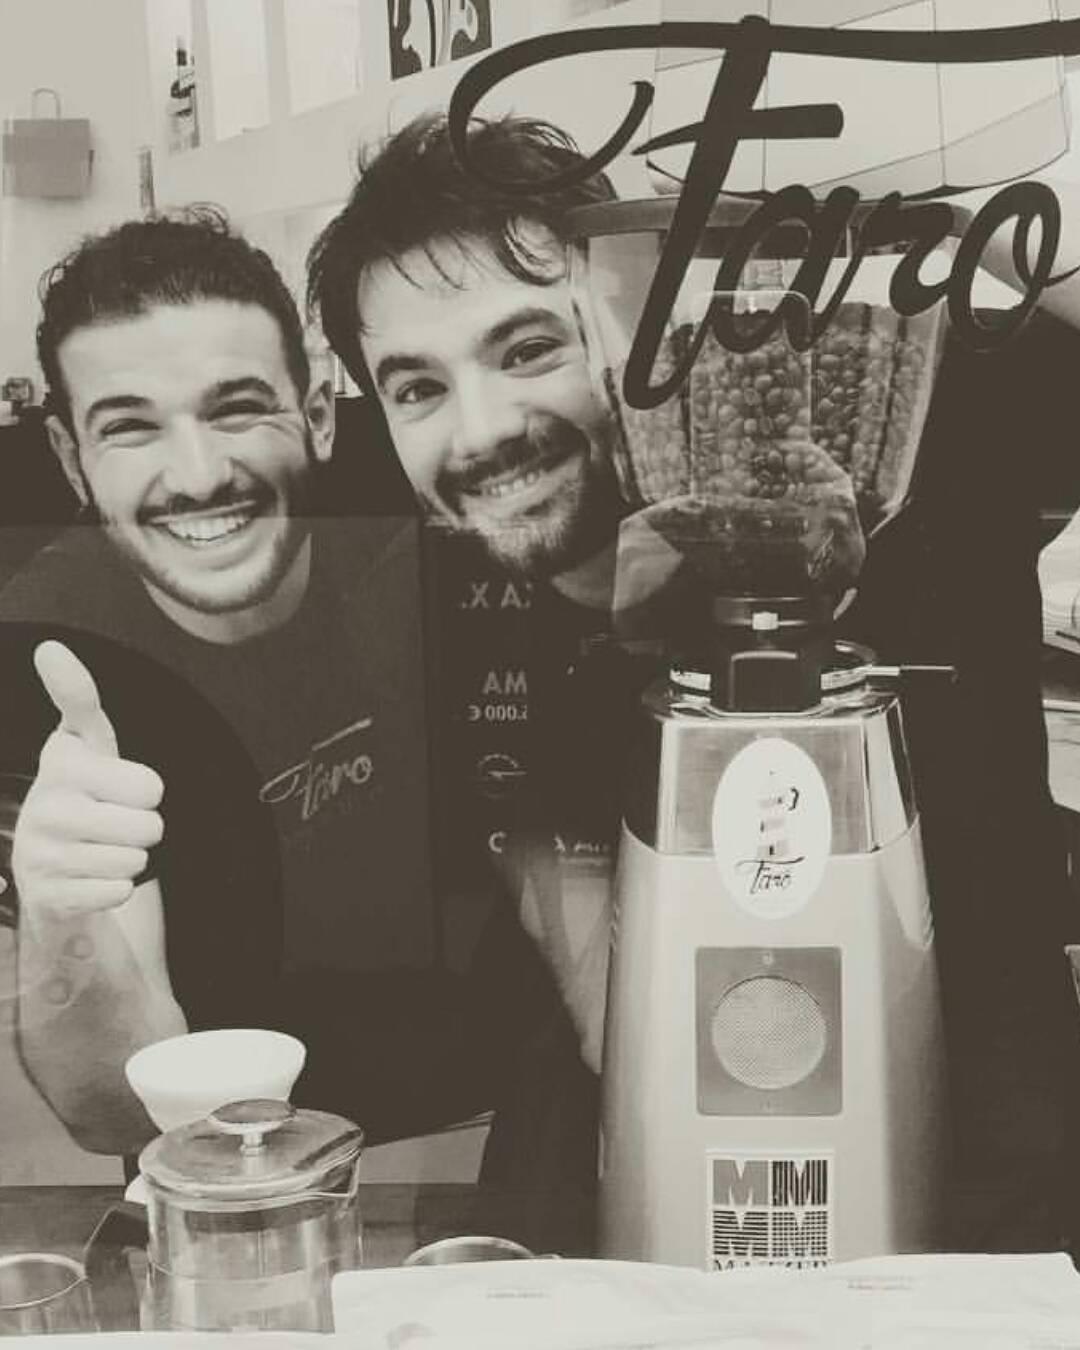 Il Faro, i piacioni del caffè che piace